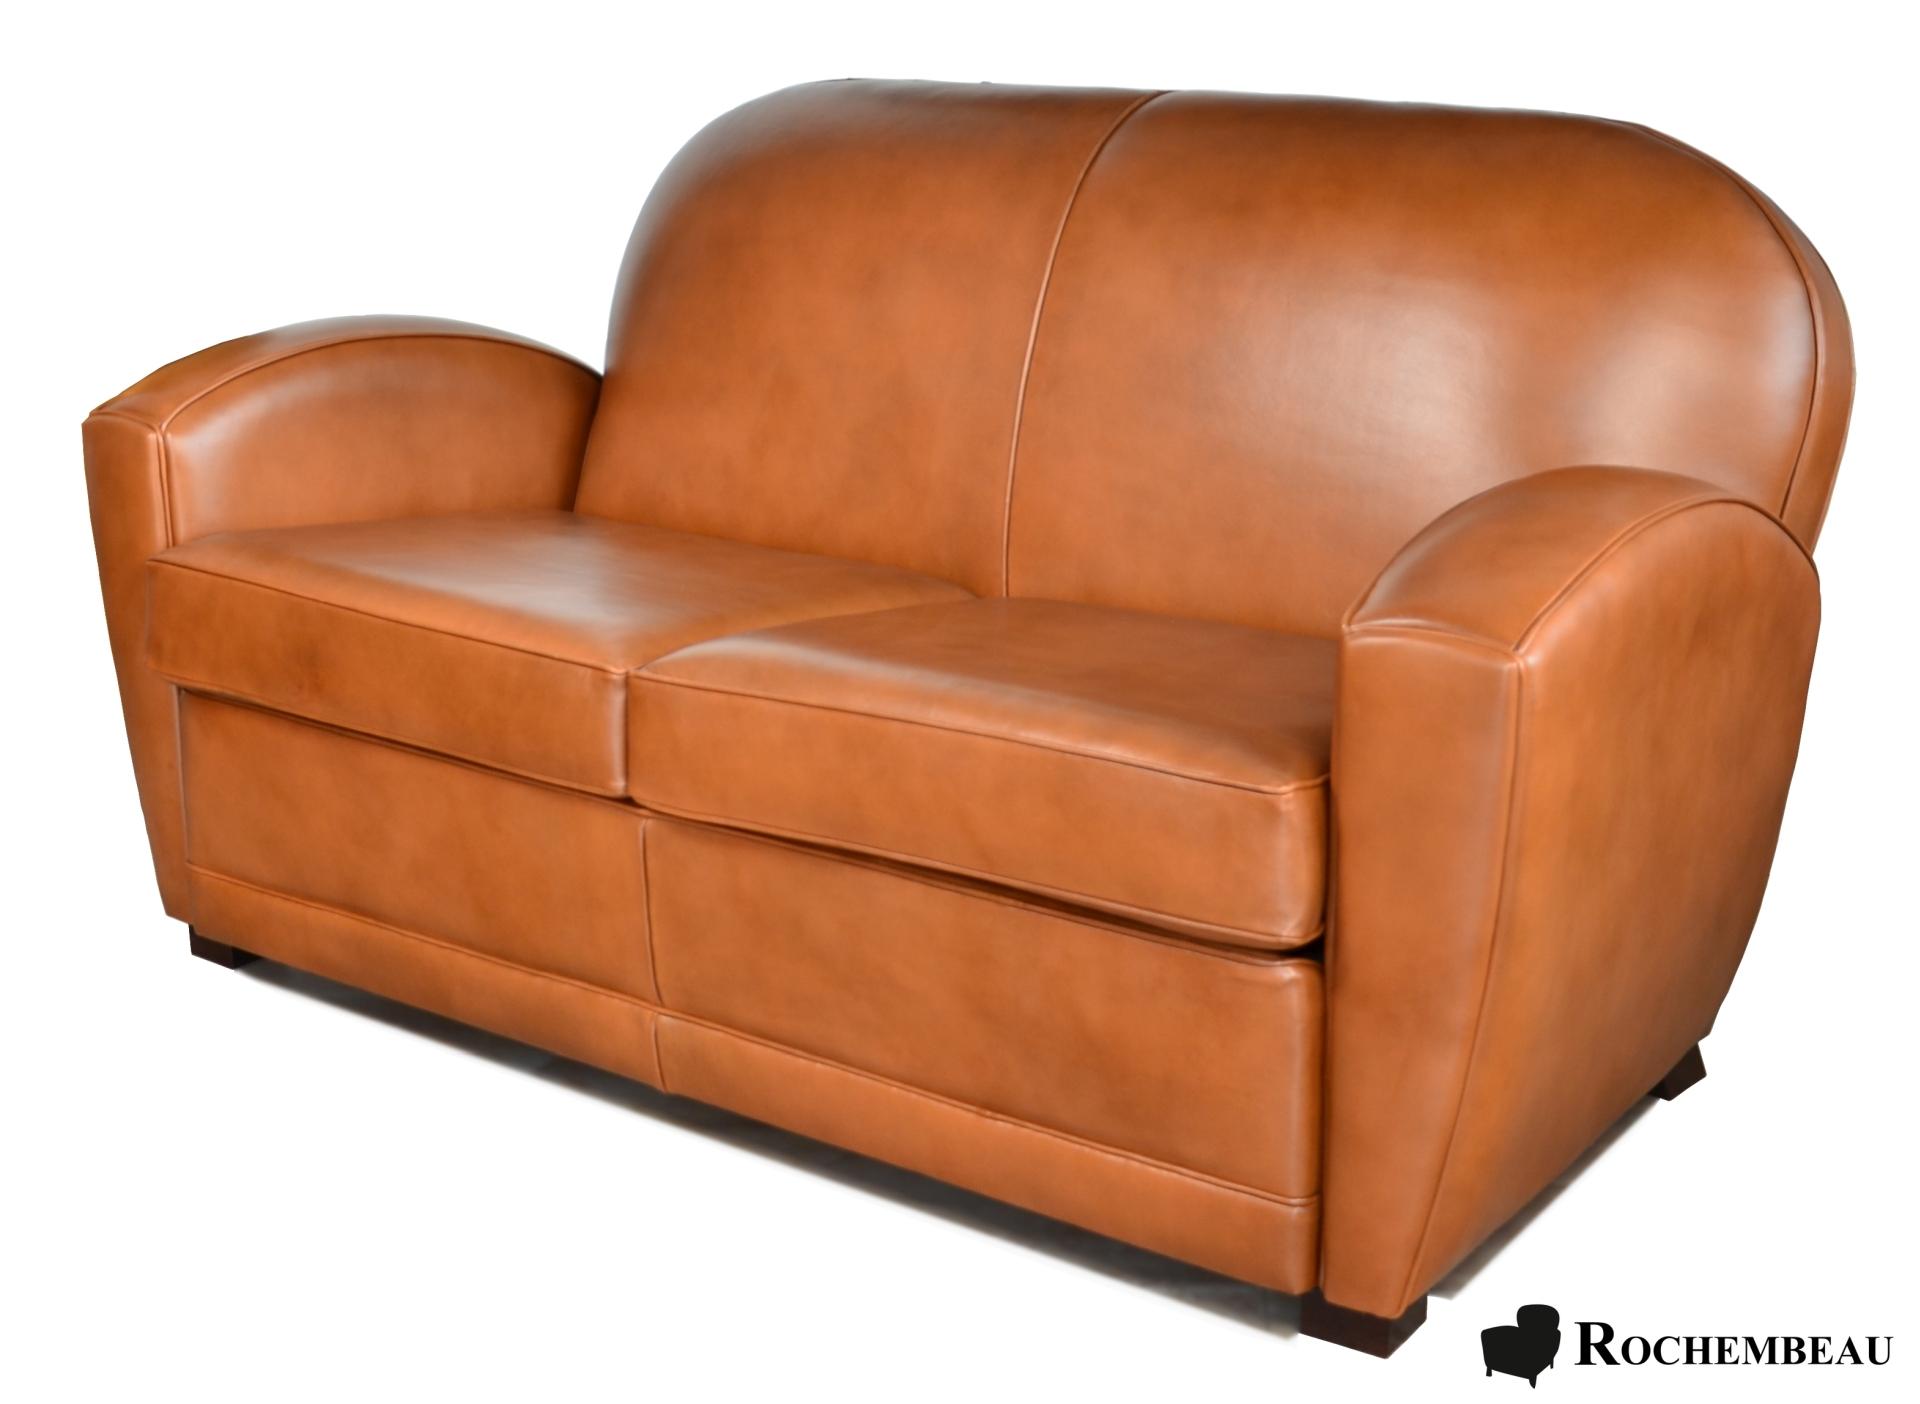 canap club paris en cuir. Black Bedroom Furniture Sets. Home Design Ideas